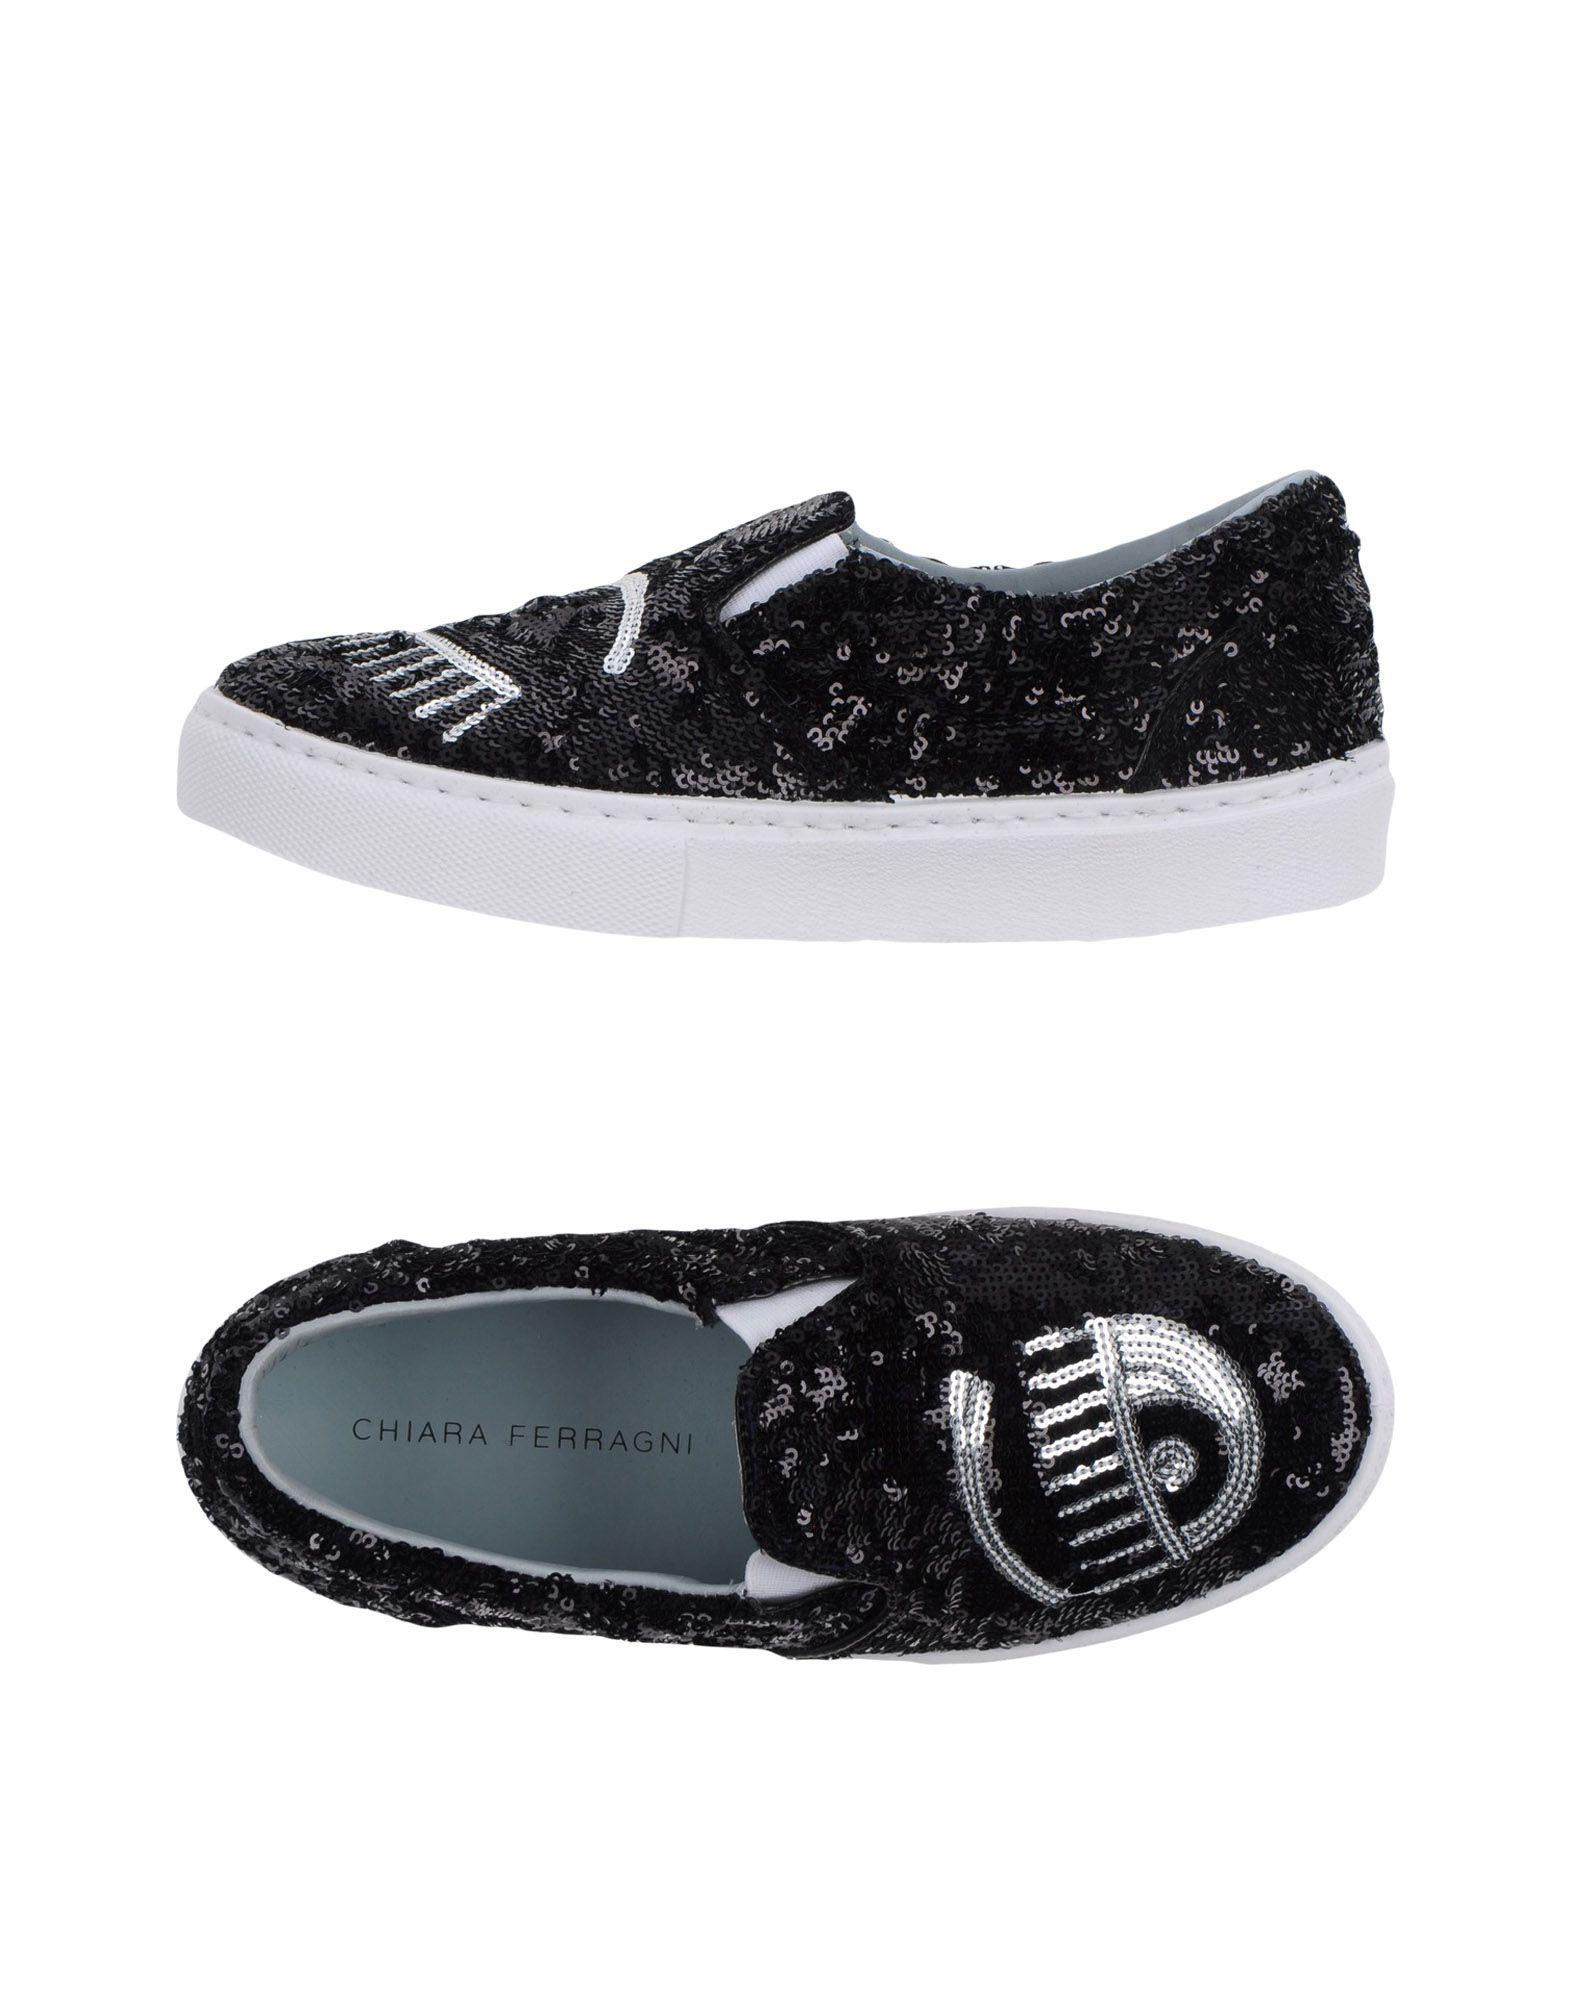 Zapatillas - Chiara Ferragni Mujer - Zapatillas Zapatillas Chiara Ferragni  Negro c01dfd